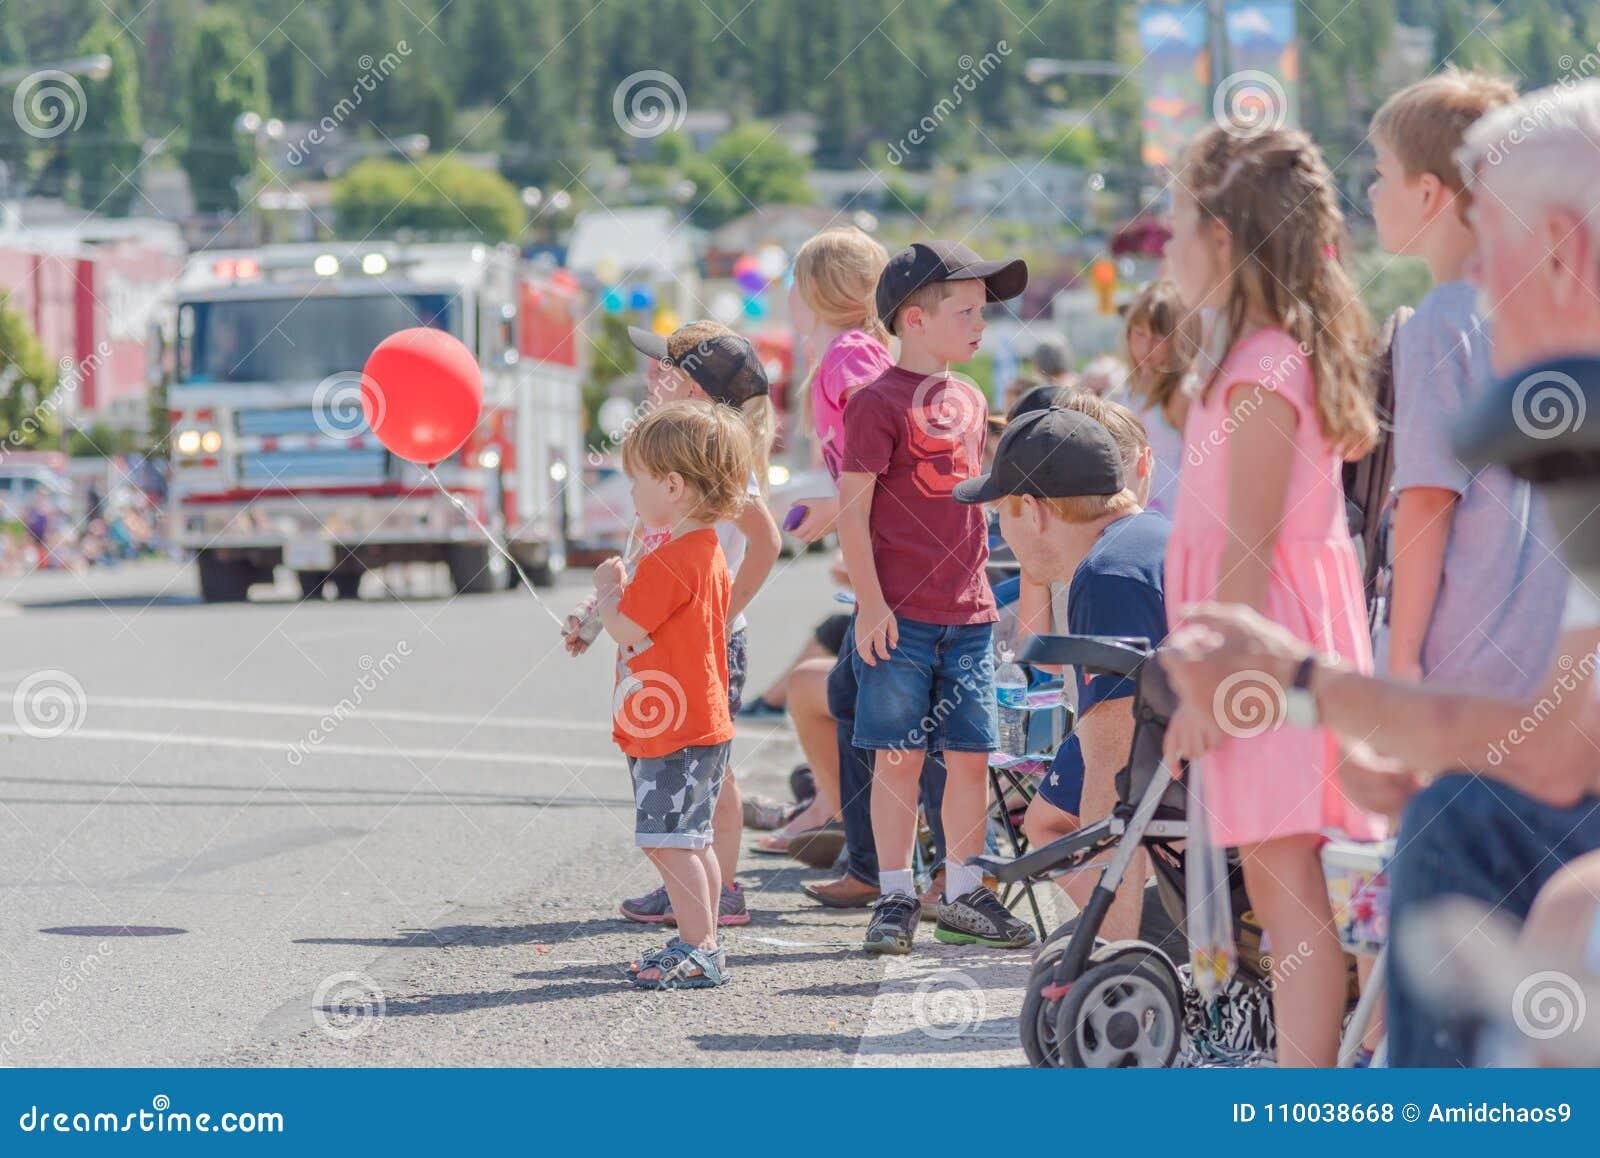 Jeune garçon tenant le ballon rouge avec des enfants et des parents observant le défilé